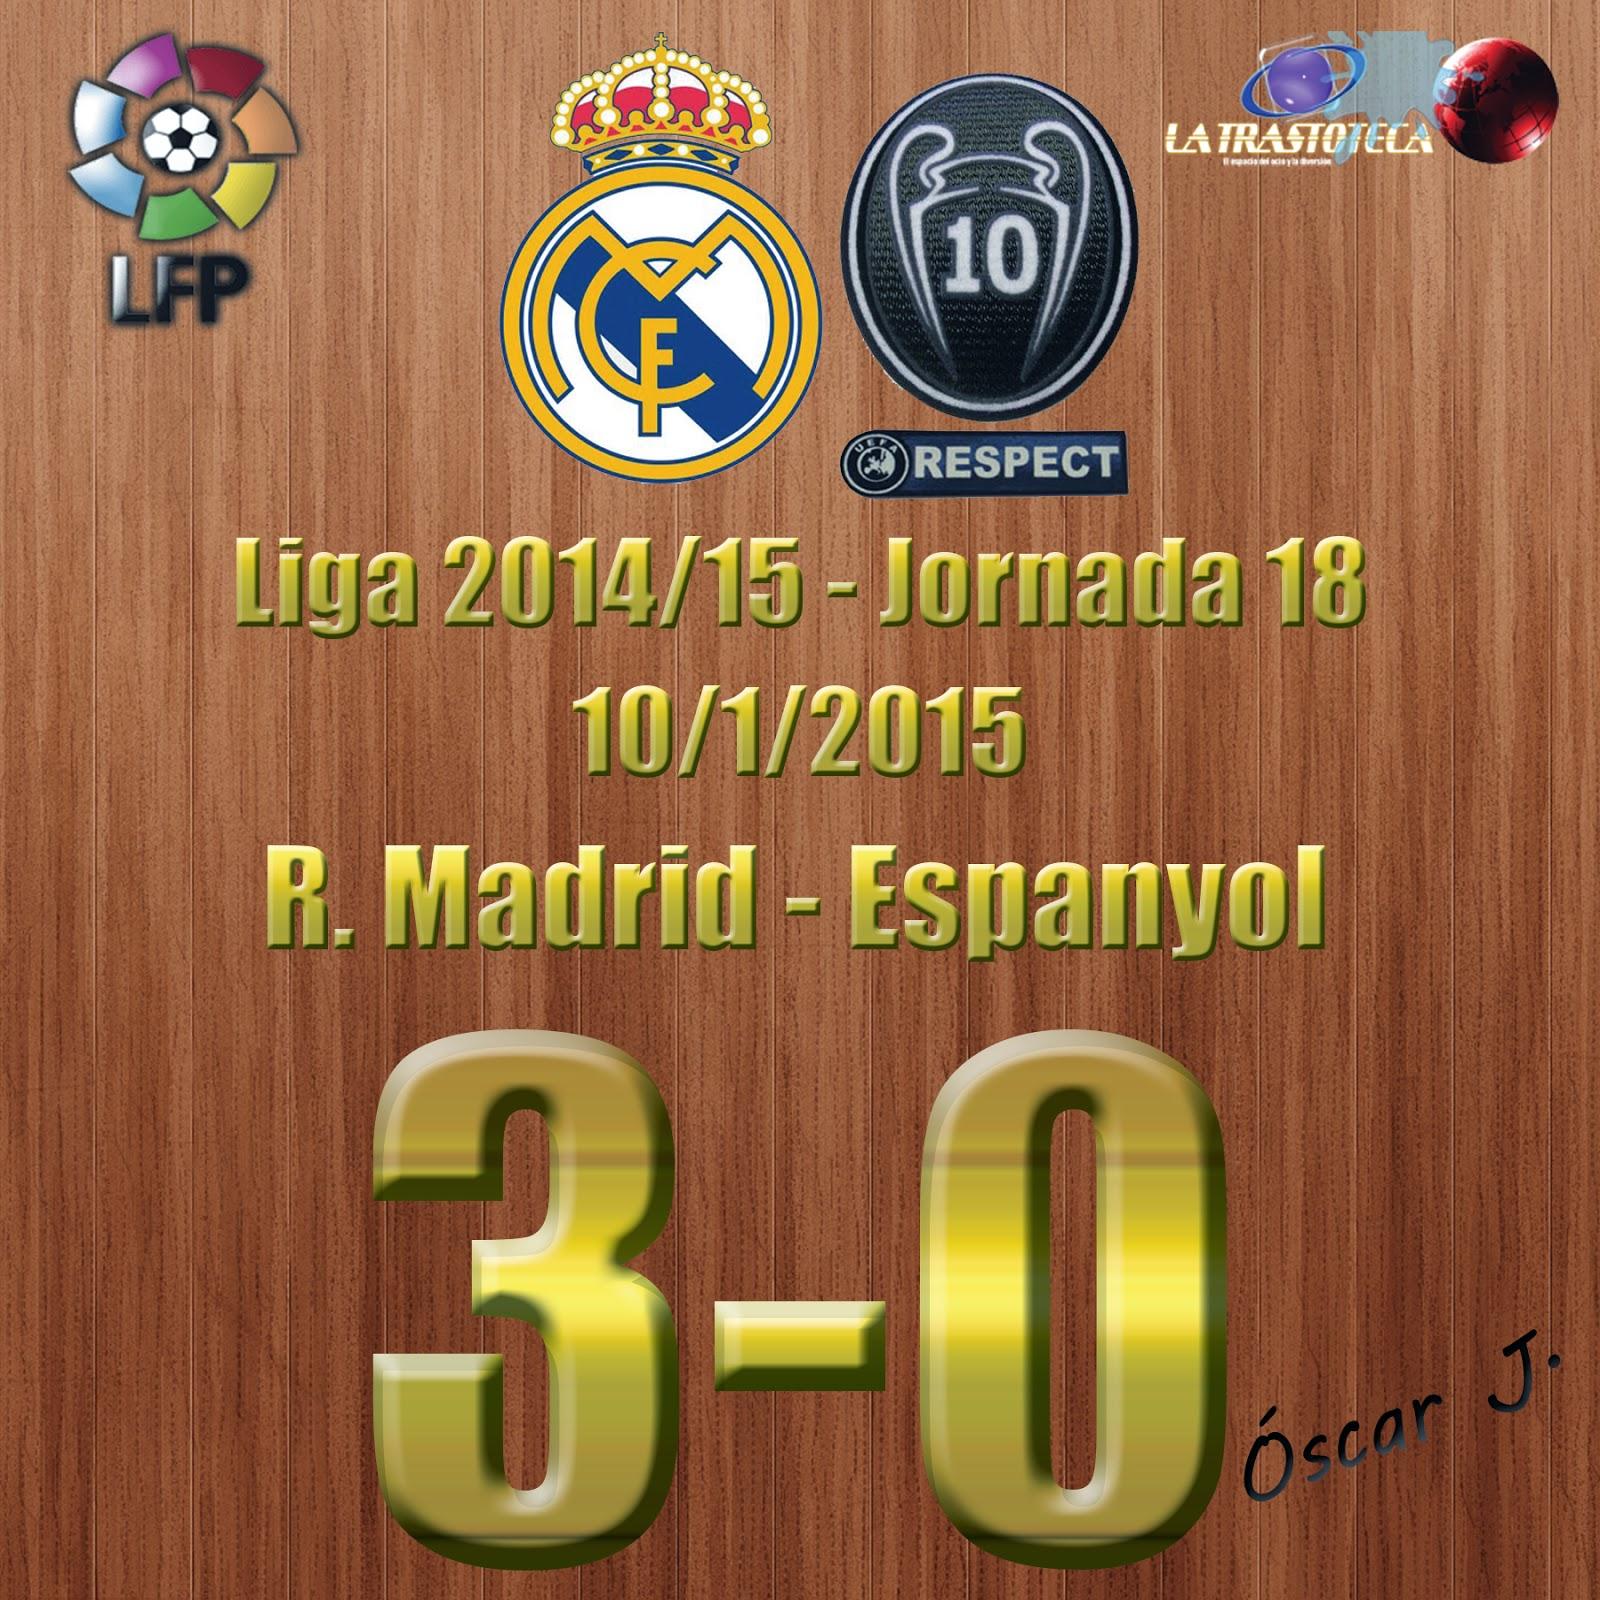 Gareth Bale (2-0) - Real Madrid 3-0 Espanyol - Liga 2014/15 - Jornada 18 - (10/1/2015)